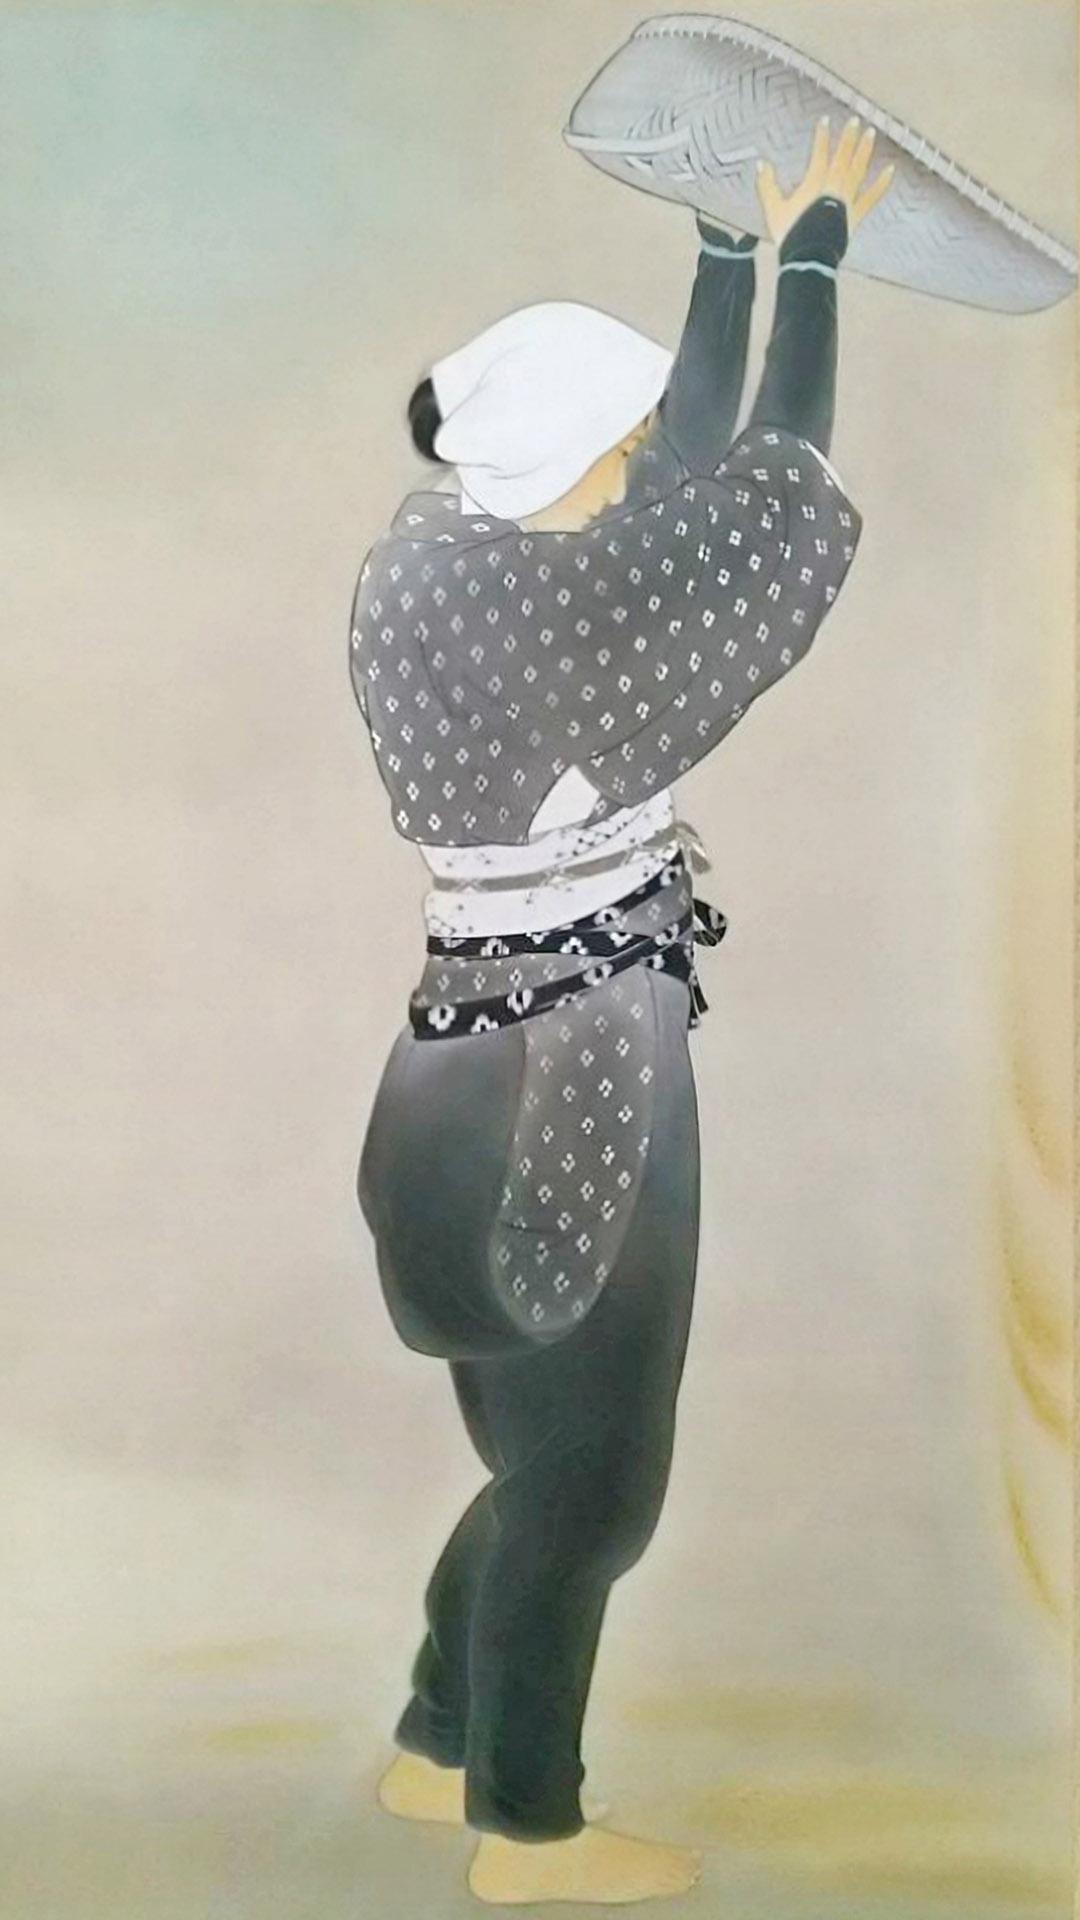 菊池契月 麦挋 Kikuchi Keigetsu - Mugi furui 1080x1920